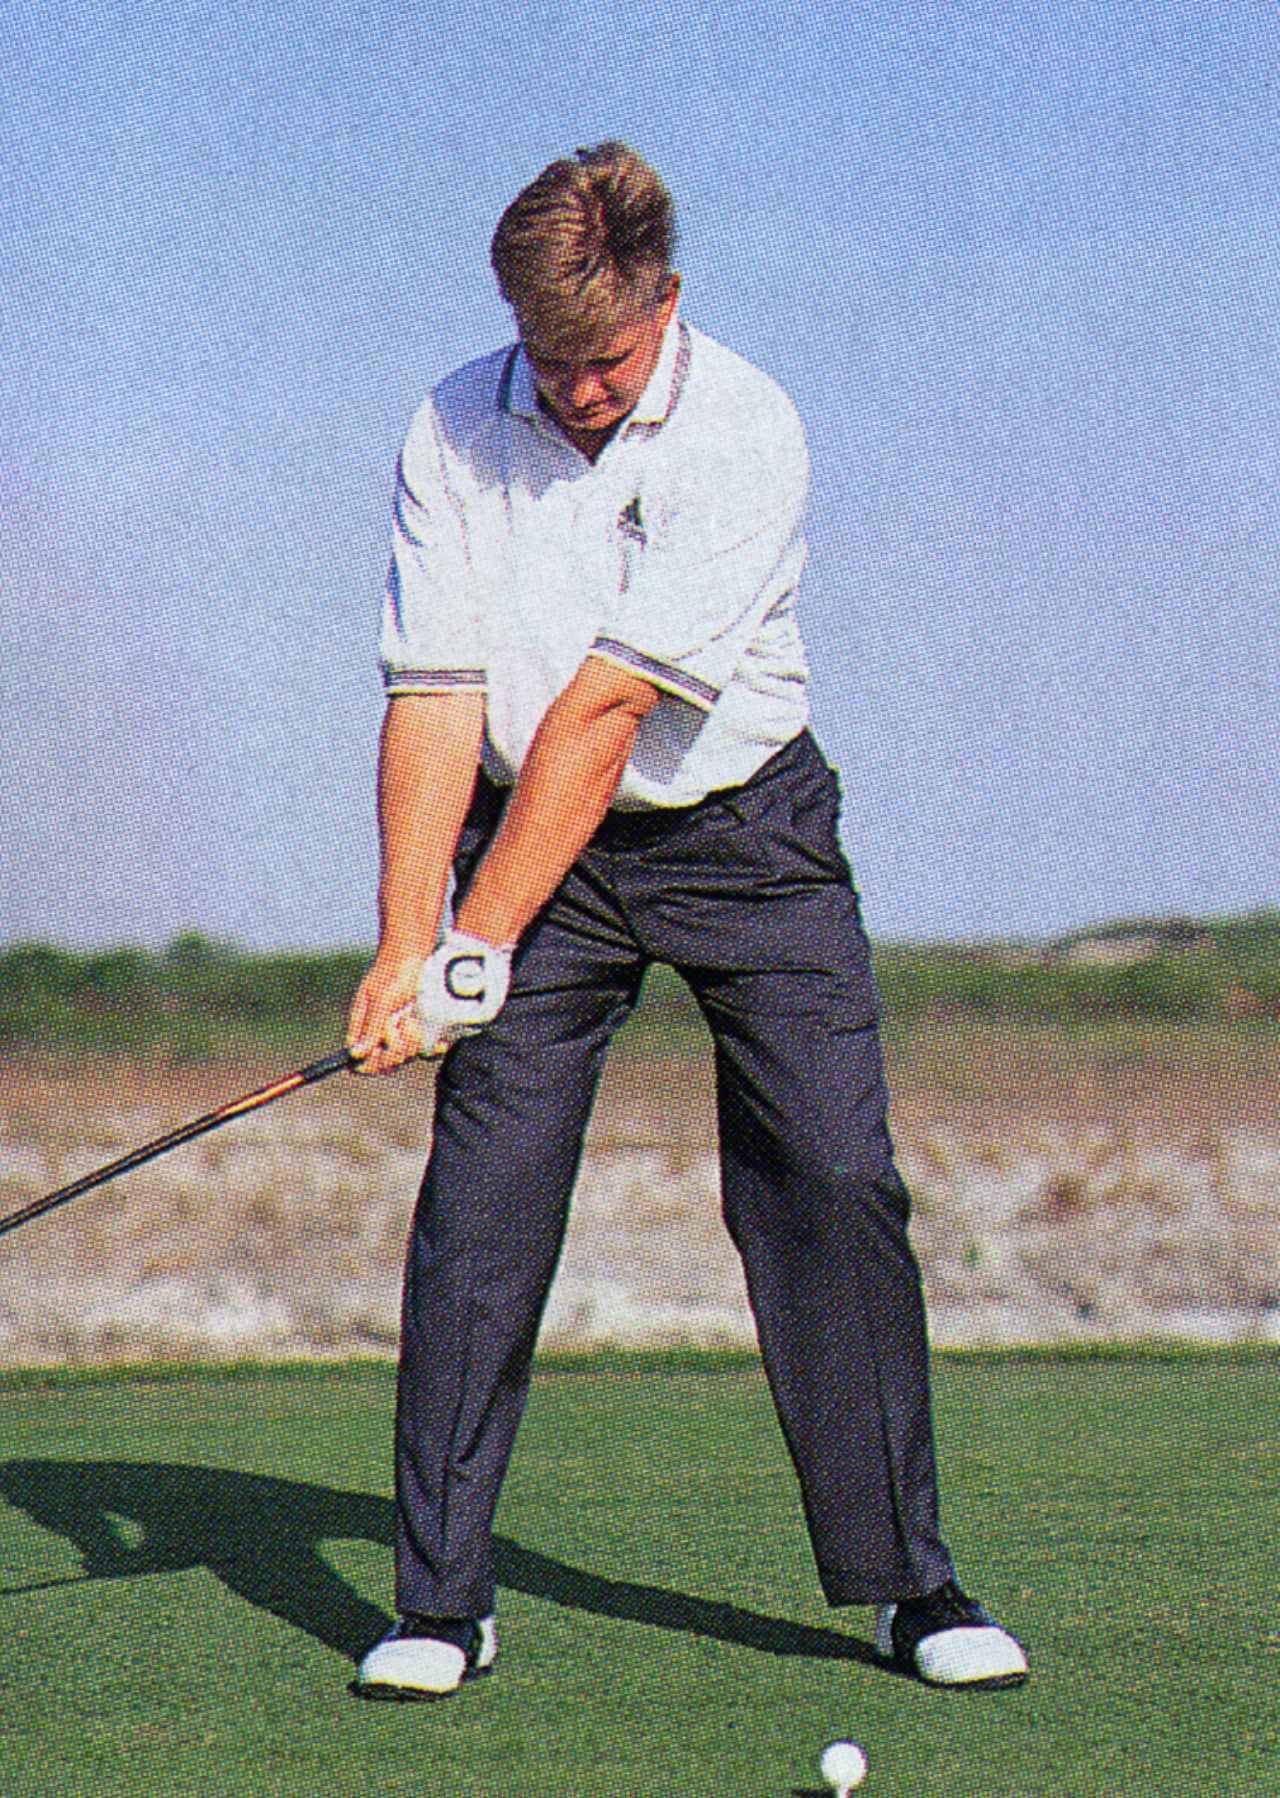 画像2: 【南アのゴルフ遺伝子Vol.4】アーニー・エルスが目指したもの